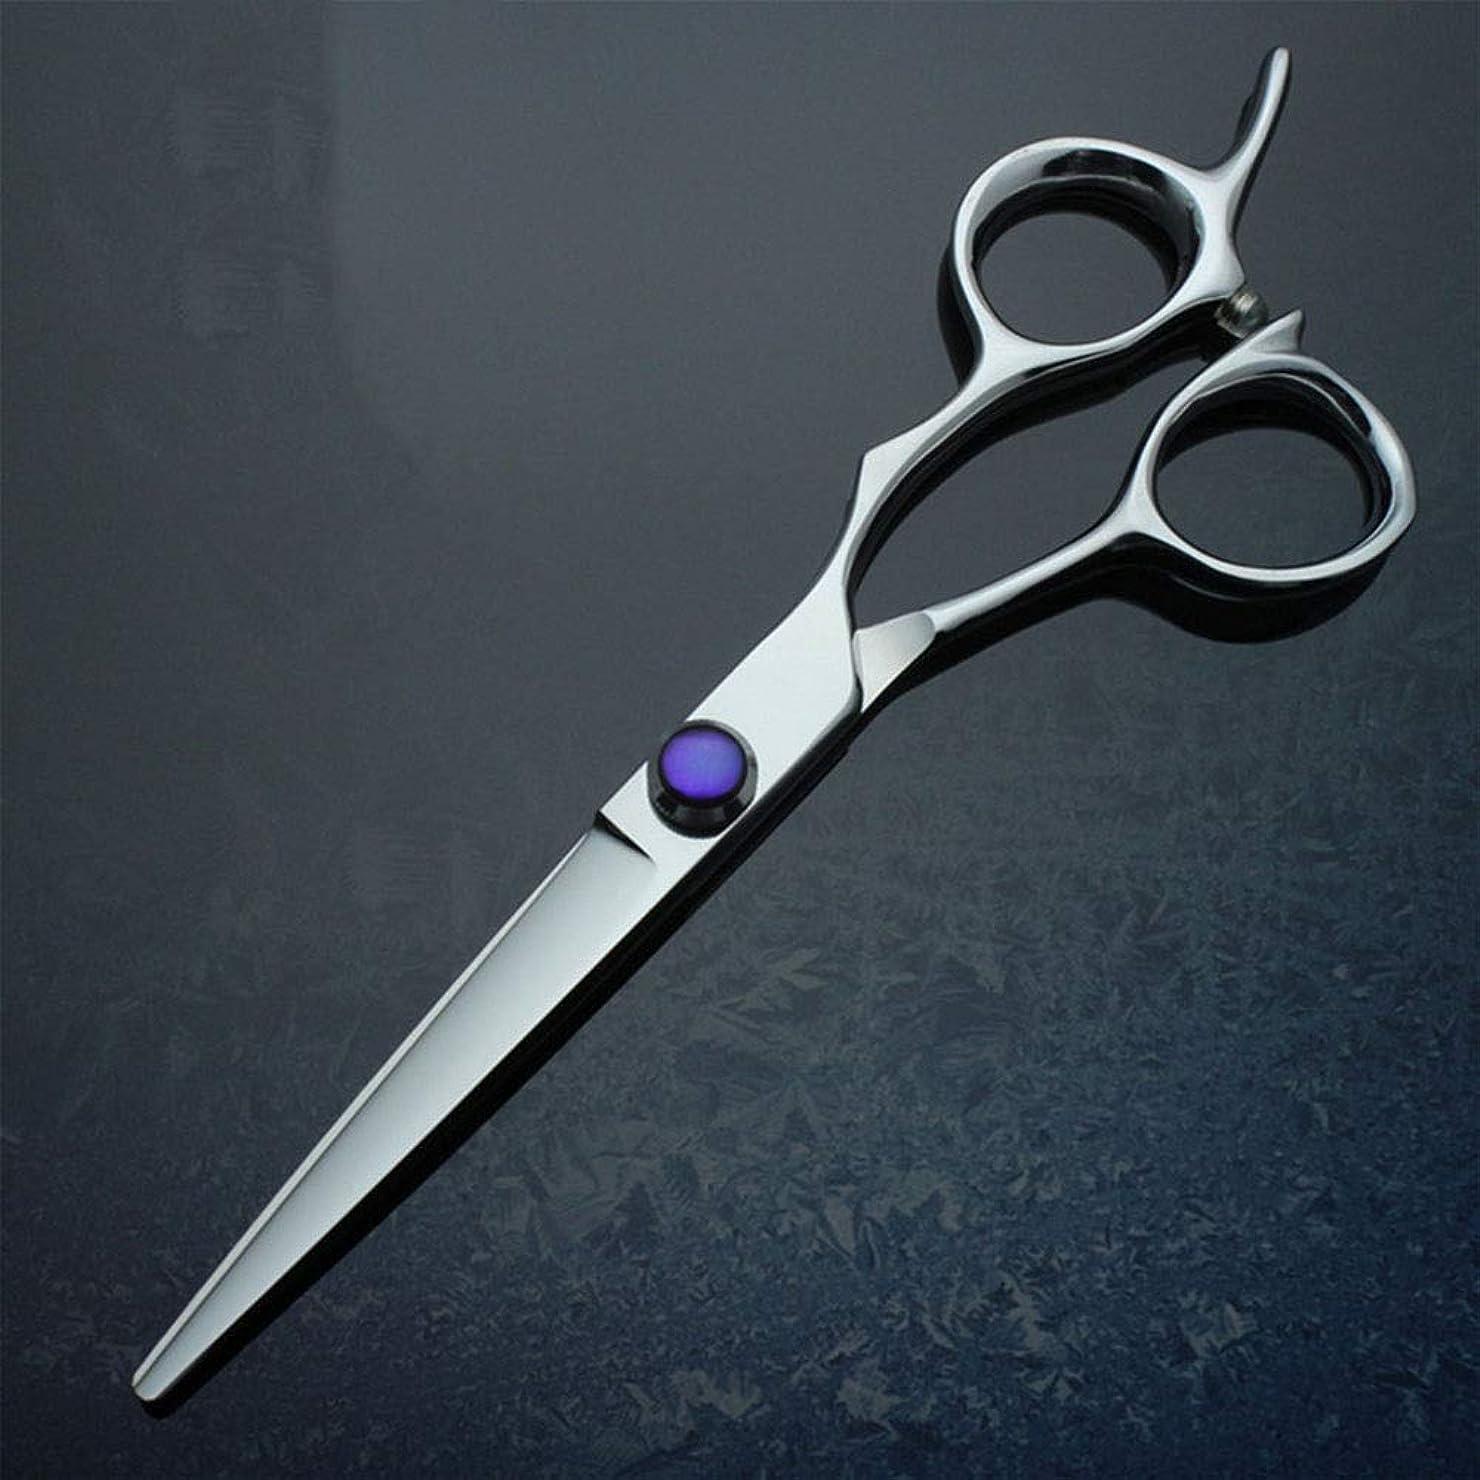 スラム虫代わりのカットハサミ ヘアスタイリングツール 6インチフラットシア、440Cプロフェッショナルハイエンド理髪用ハサミ ヘアカットシザー (色 : 紫の)